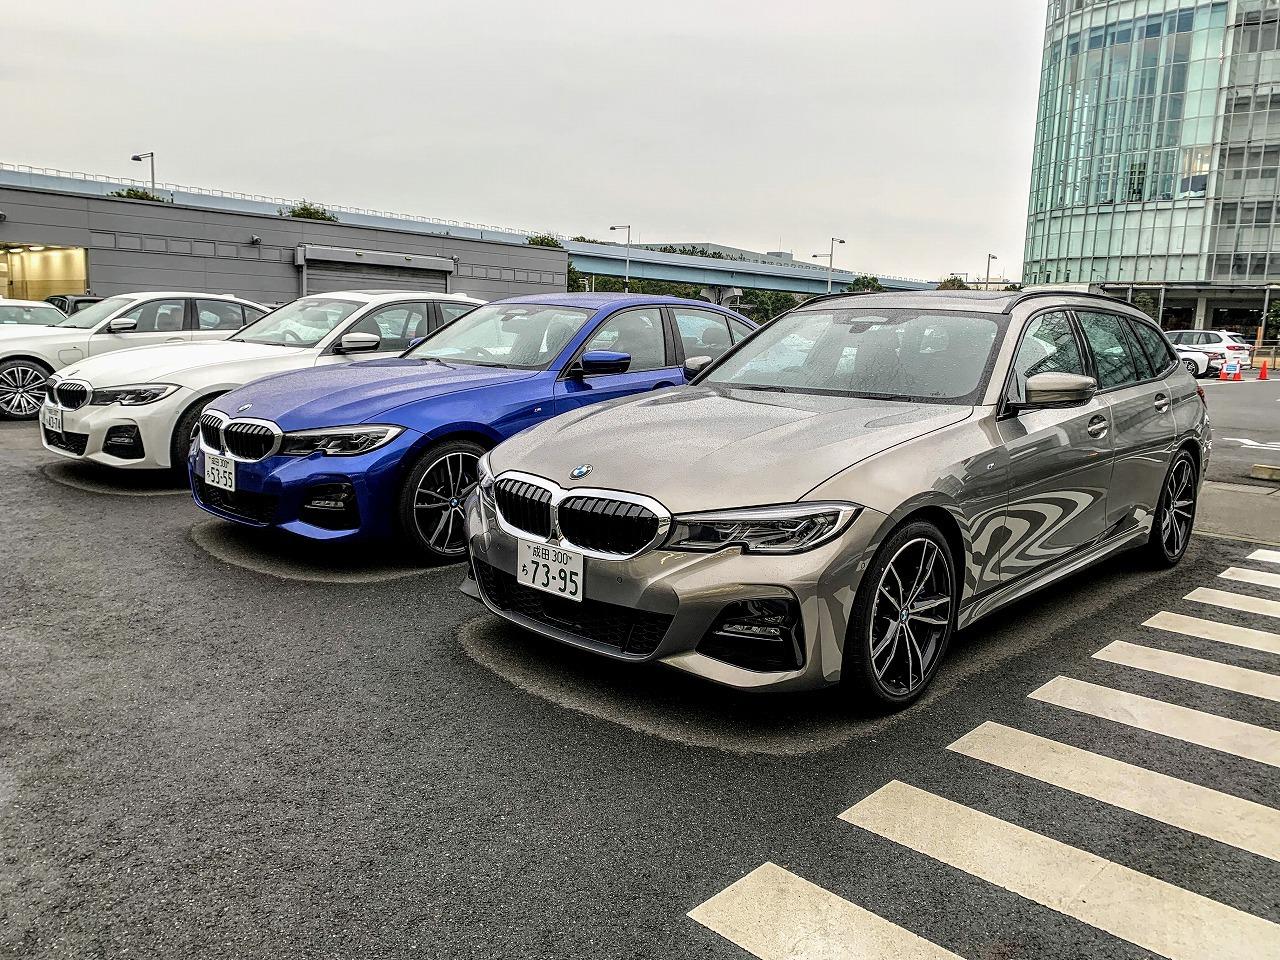 2020上半期に売れた輸入車は?販売台数モデル別ランキング20台中BMWは5台ランクイン!